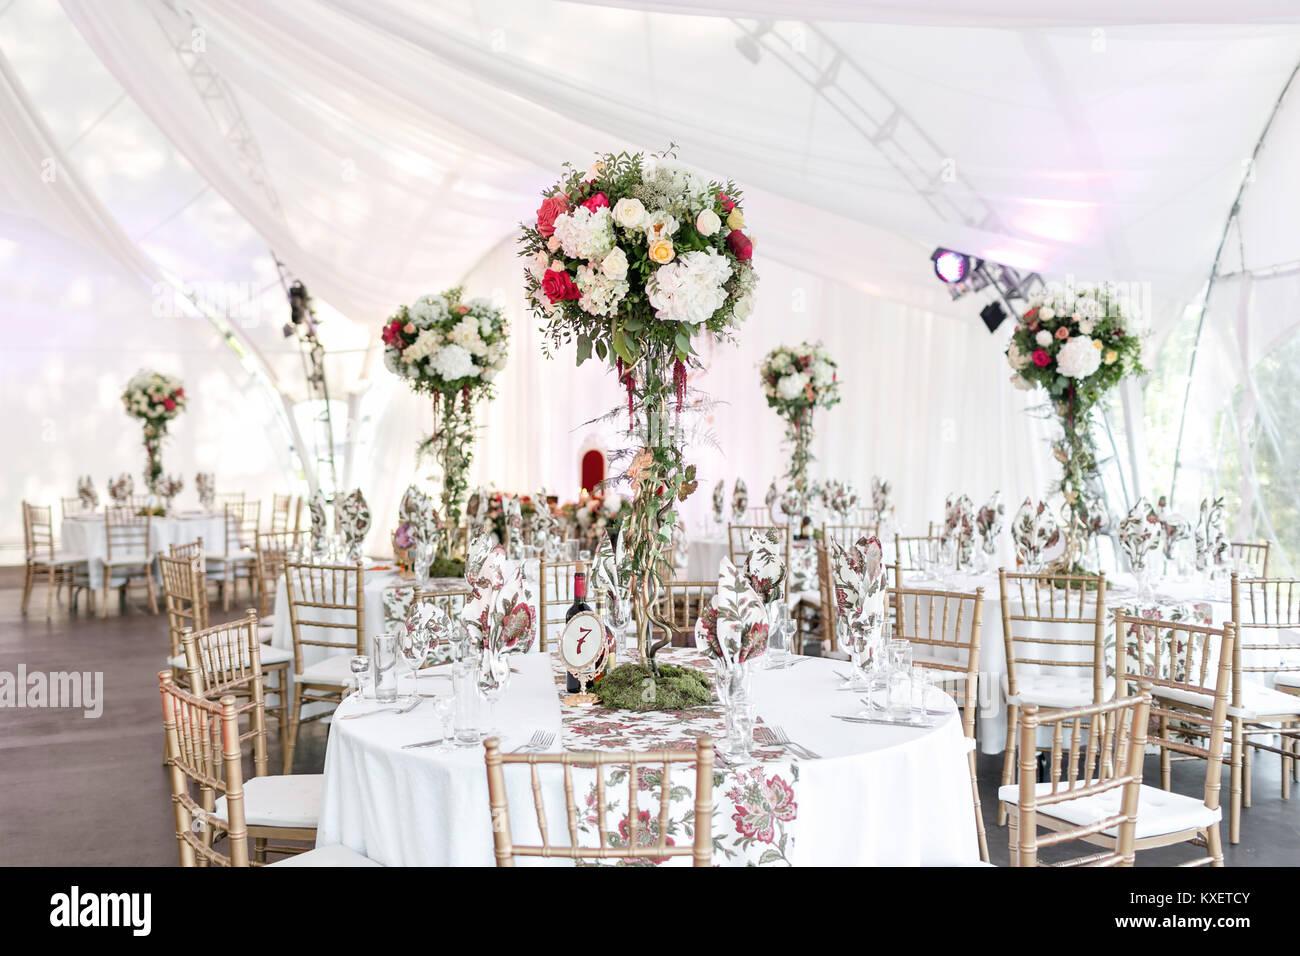 Innenraum Einer Hochzeit Zelt Dekoration Bereit Fur Die Gaste Runde